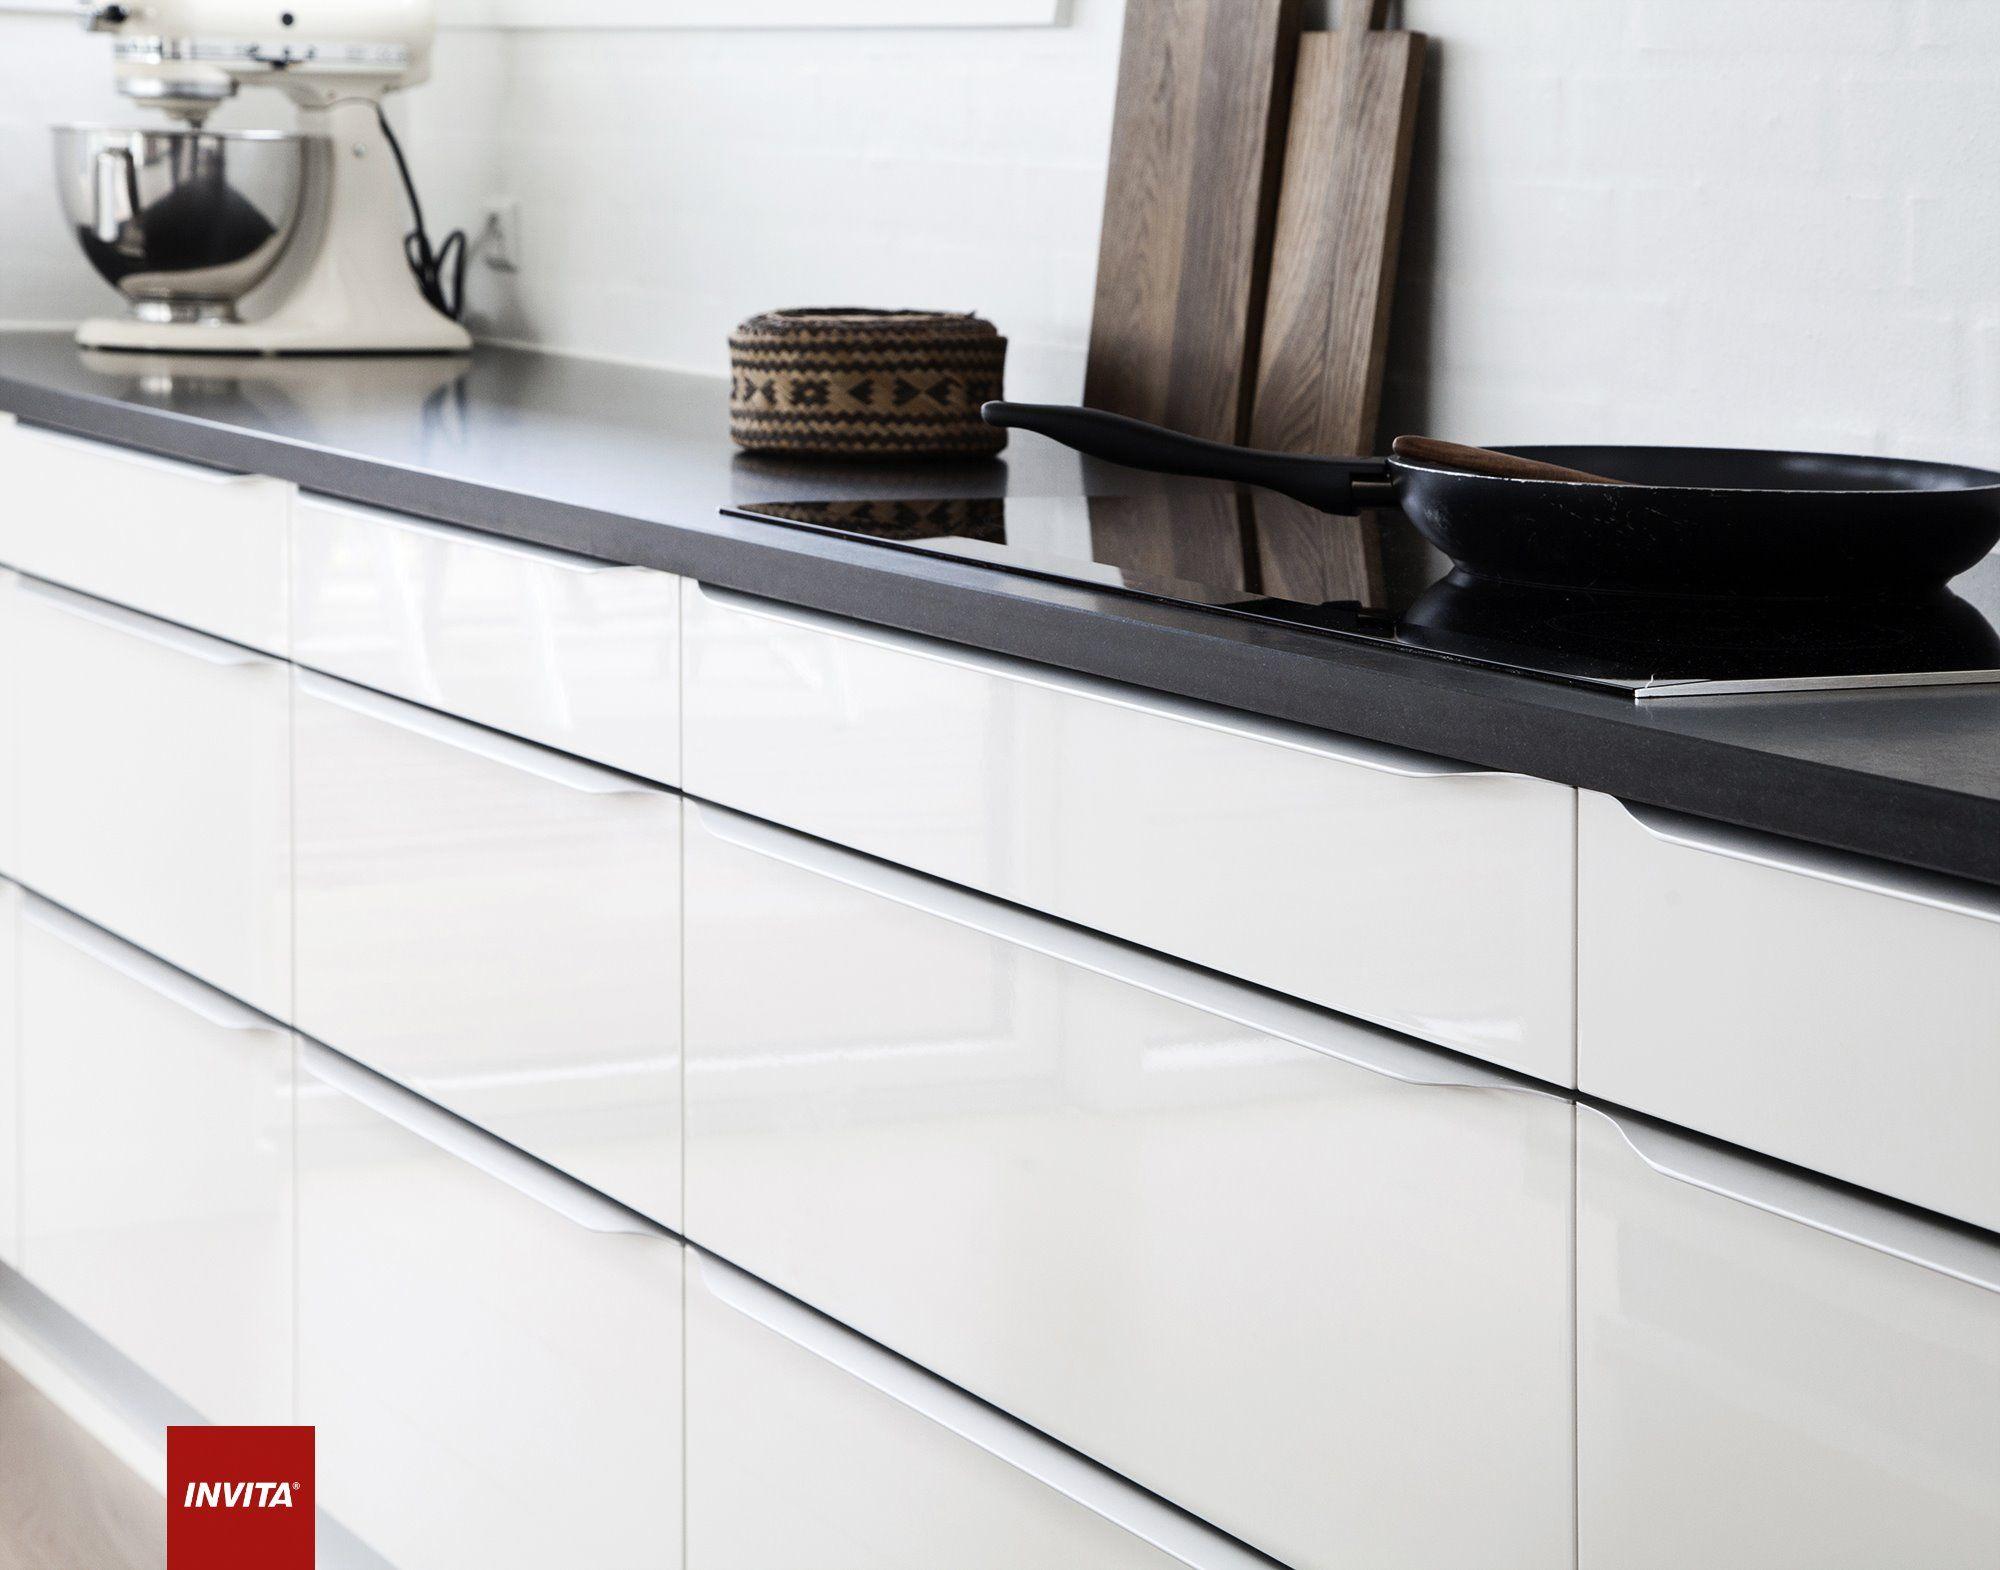 Invita er en af få danske køkkenproducenter, der har køkkener med ...